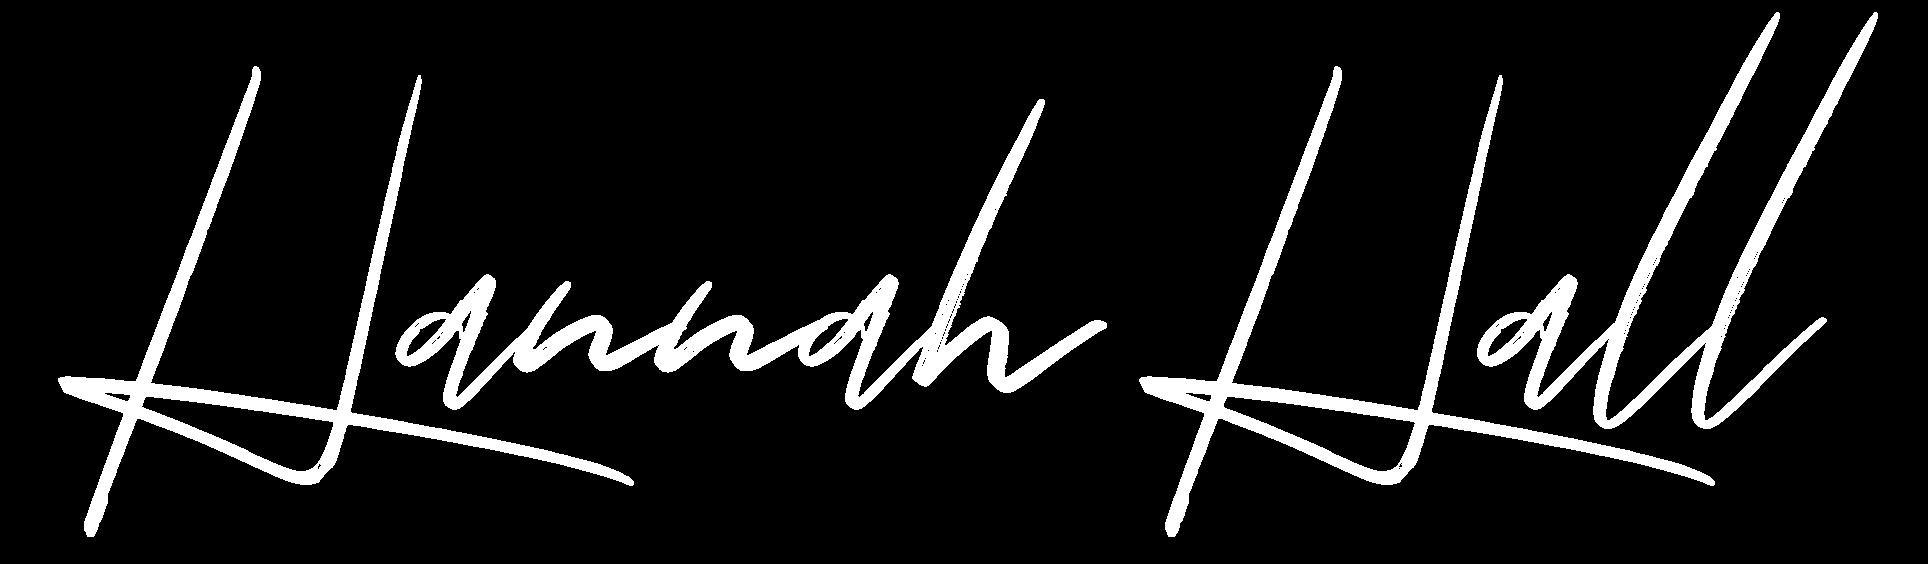 Hannah-Hall.png